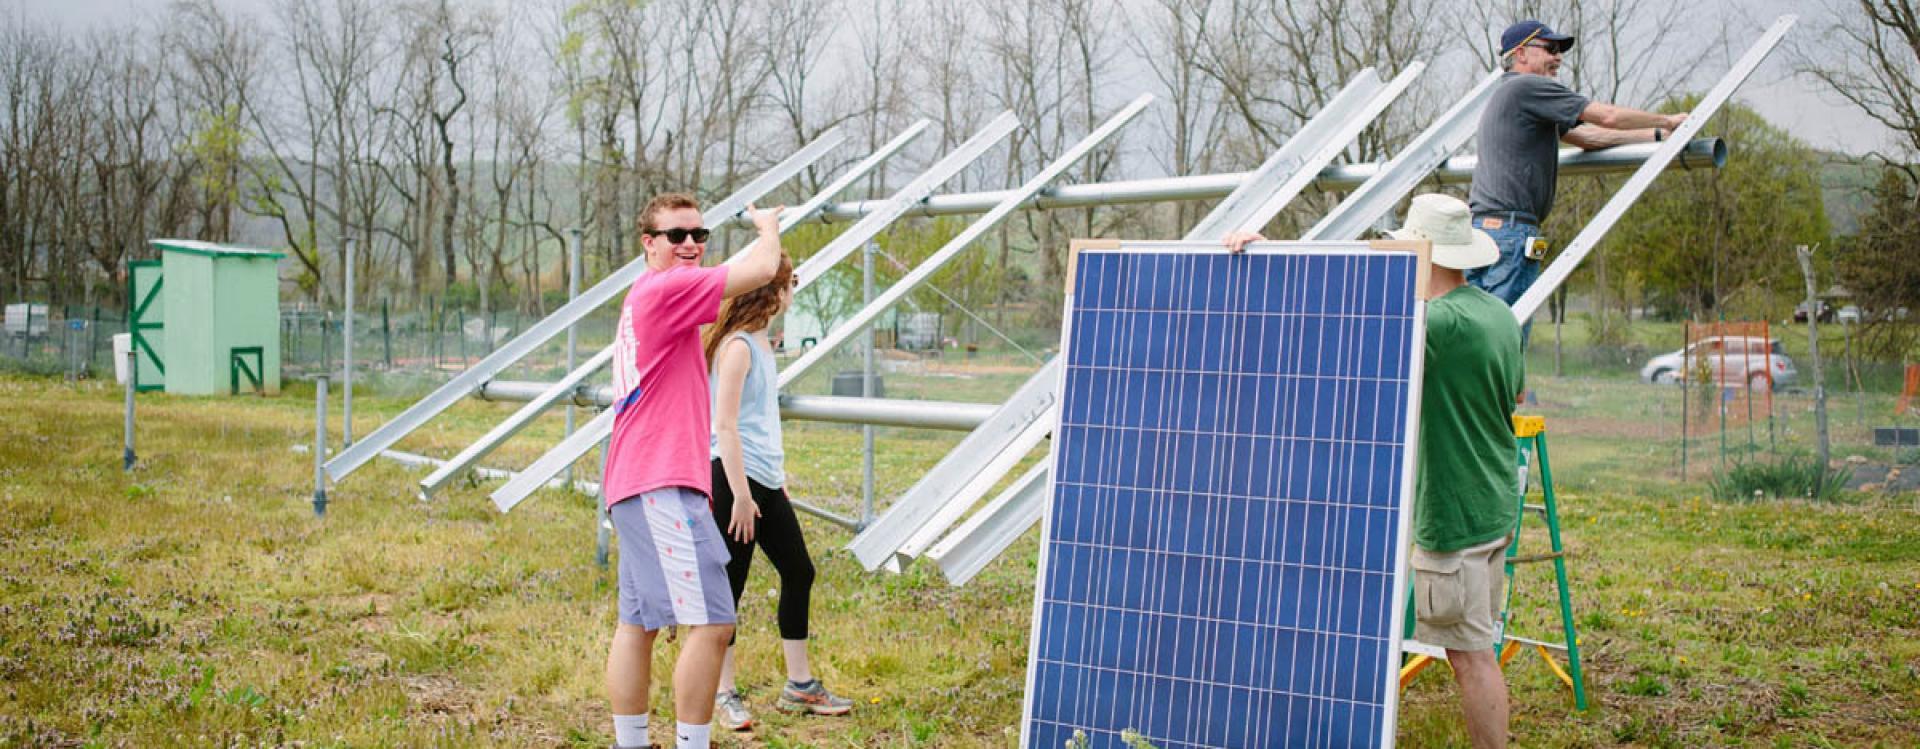 Installation of solar panels at lehigh community garden